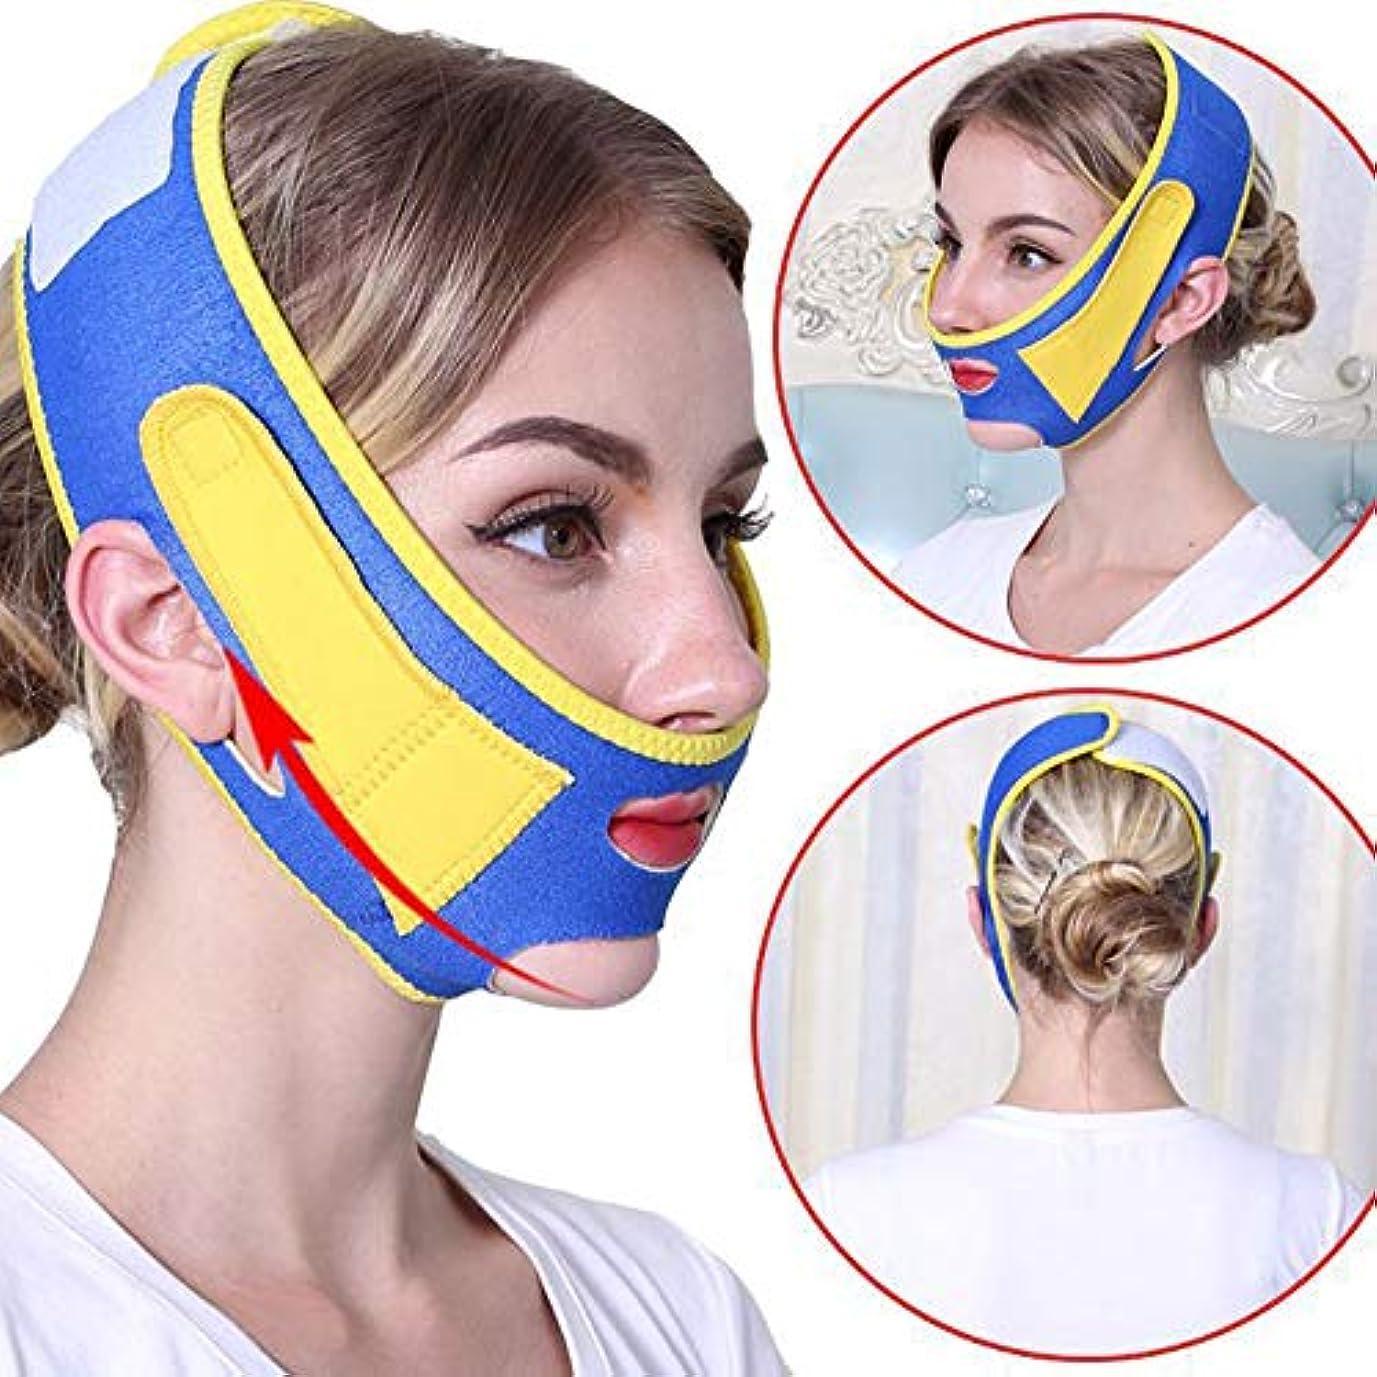 貯水池慣性慢なフェイスリフティングマスク、フェイシャルリフト&ファーミングv-faceアーチファクトシェイプ美容弾性スリーブ薄顔包帯